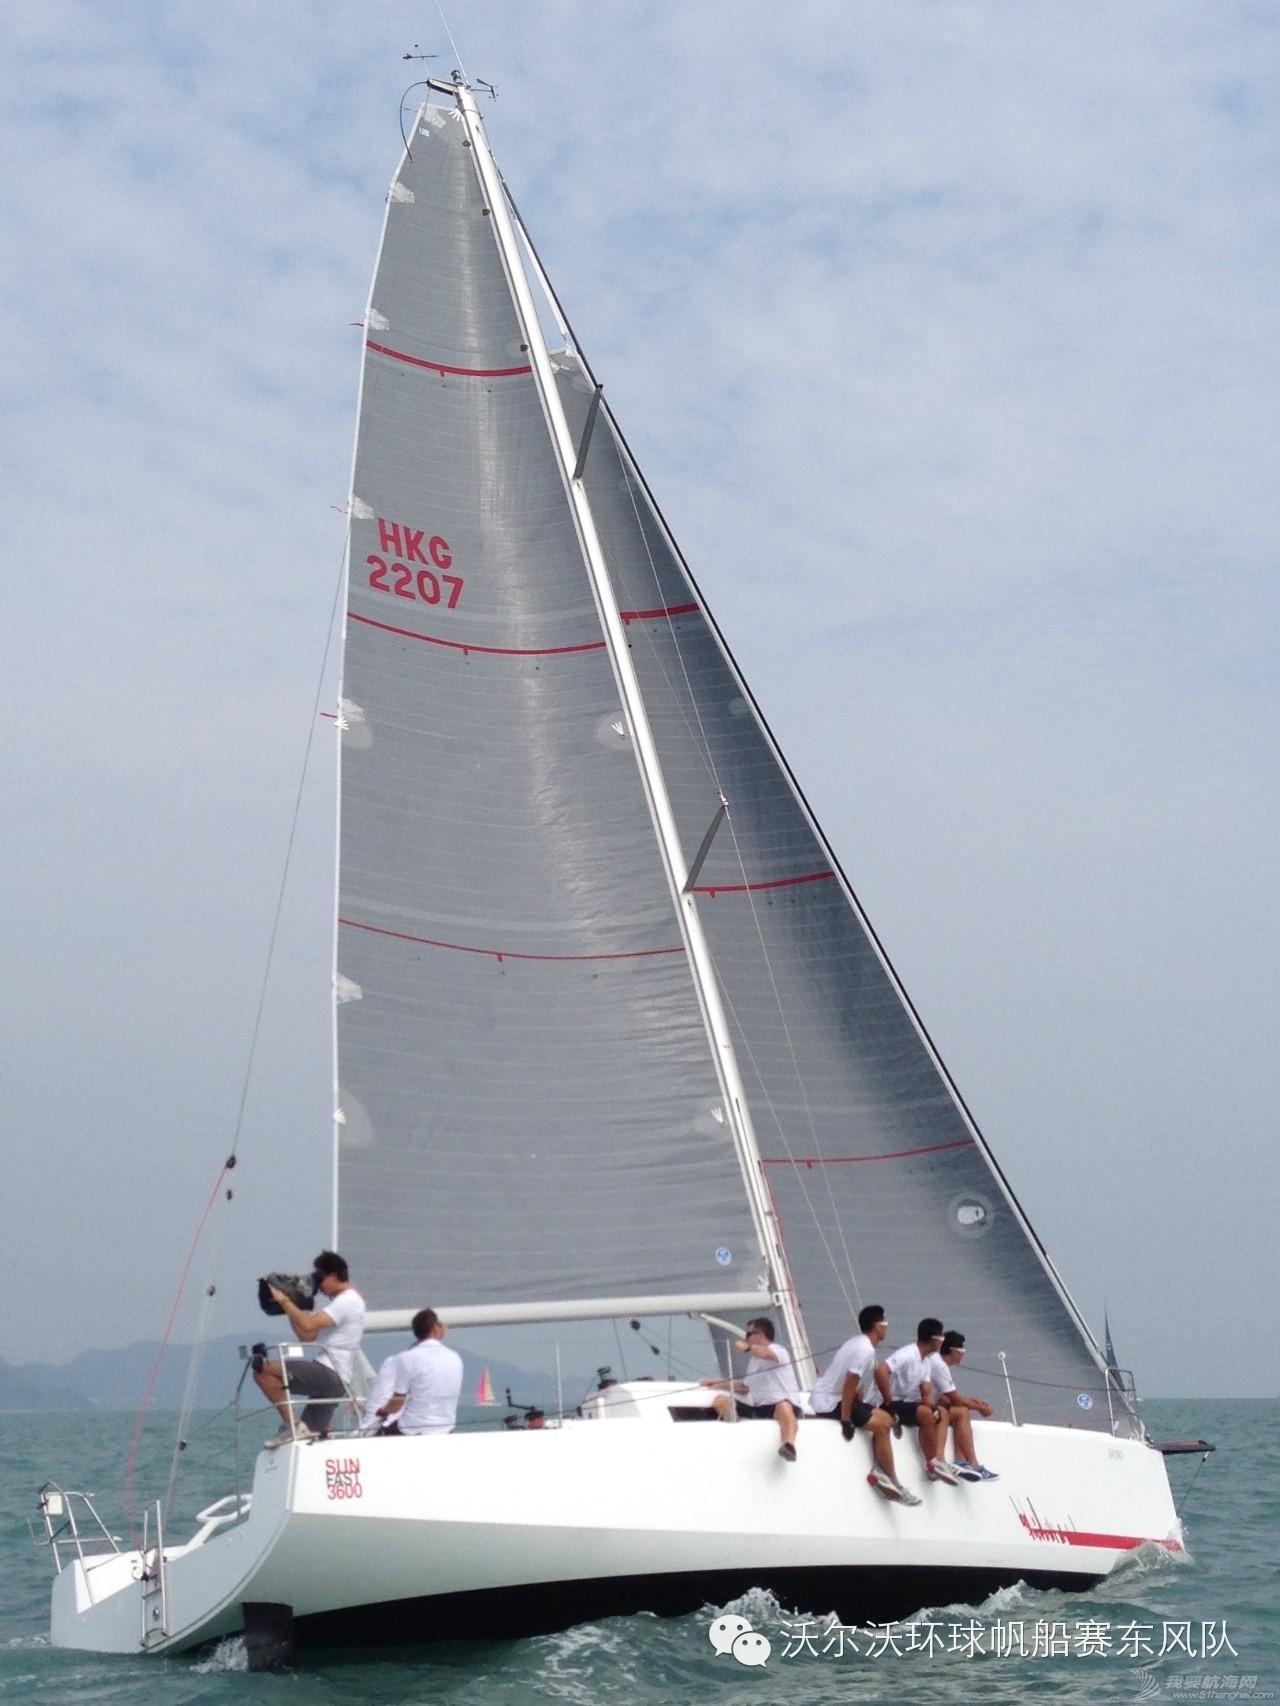 中国船员,沃尔沃,落下帷幕,经销商,去哪儿 #东风队去哪儿了?#亚诺环中国海岸帆船赛不见不散 91394876bb61cf7d989777968c77ab8c.jpg